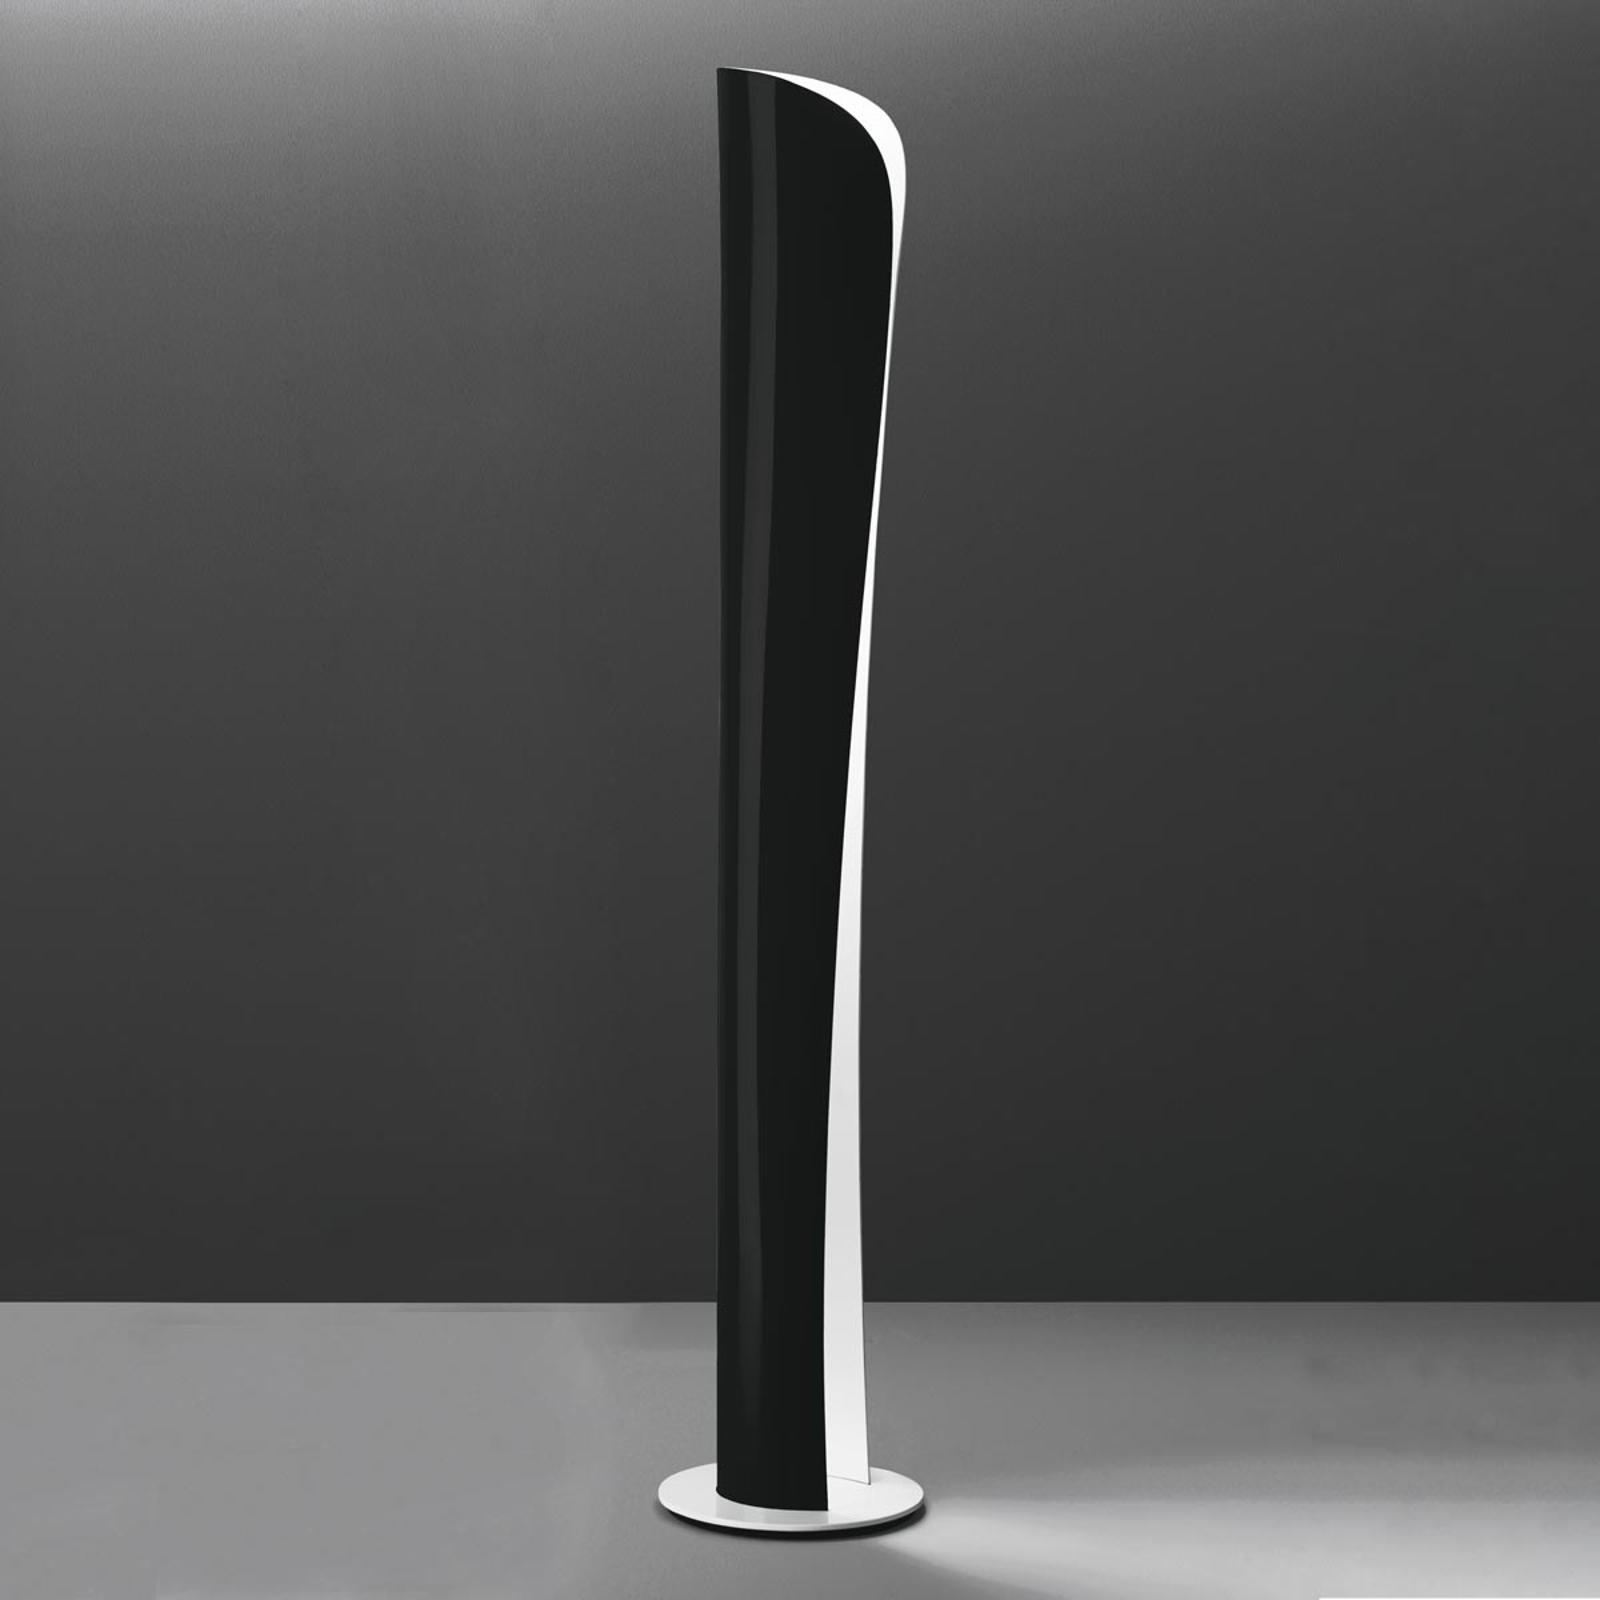 Svart-vit LED-golvlampa Cadmo, 2700K